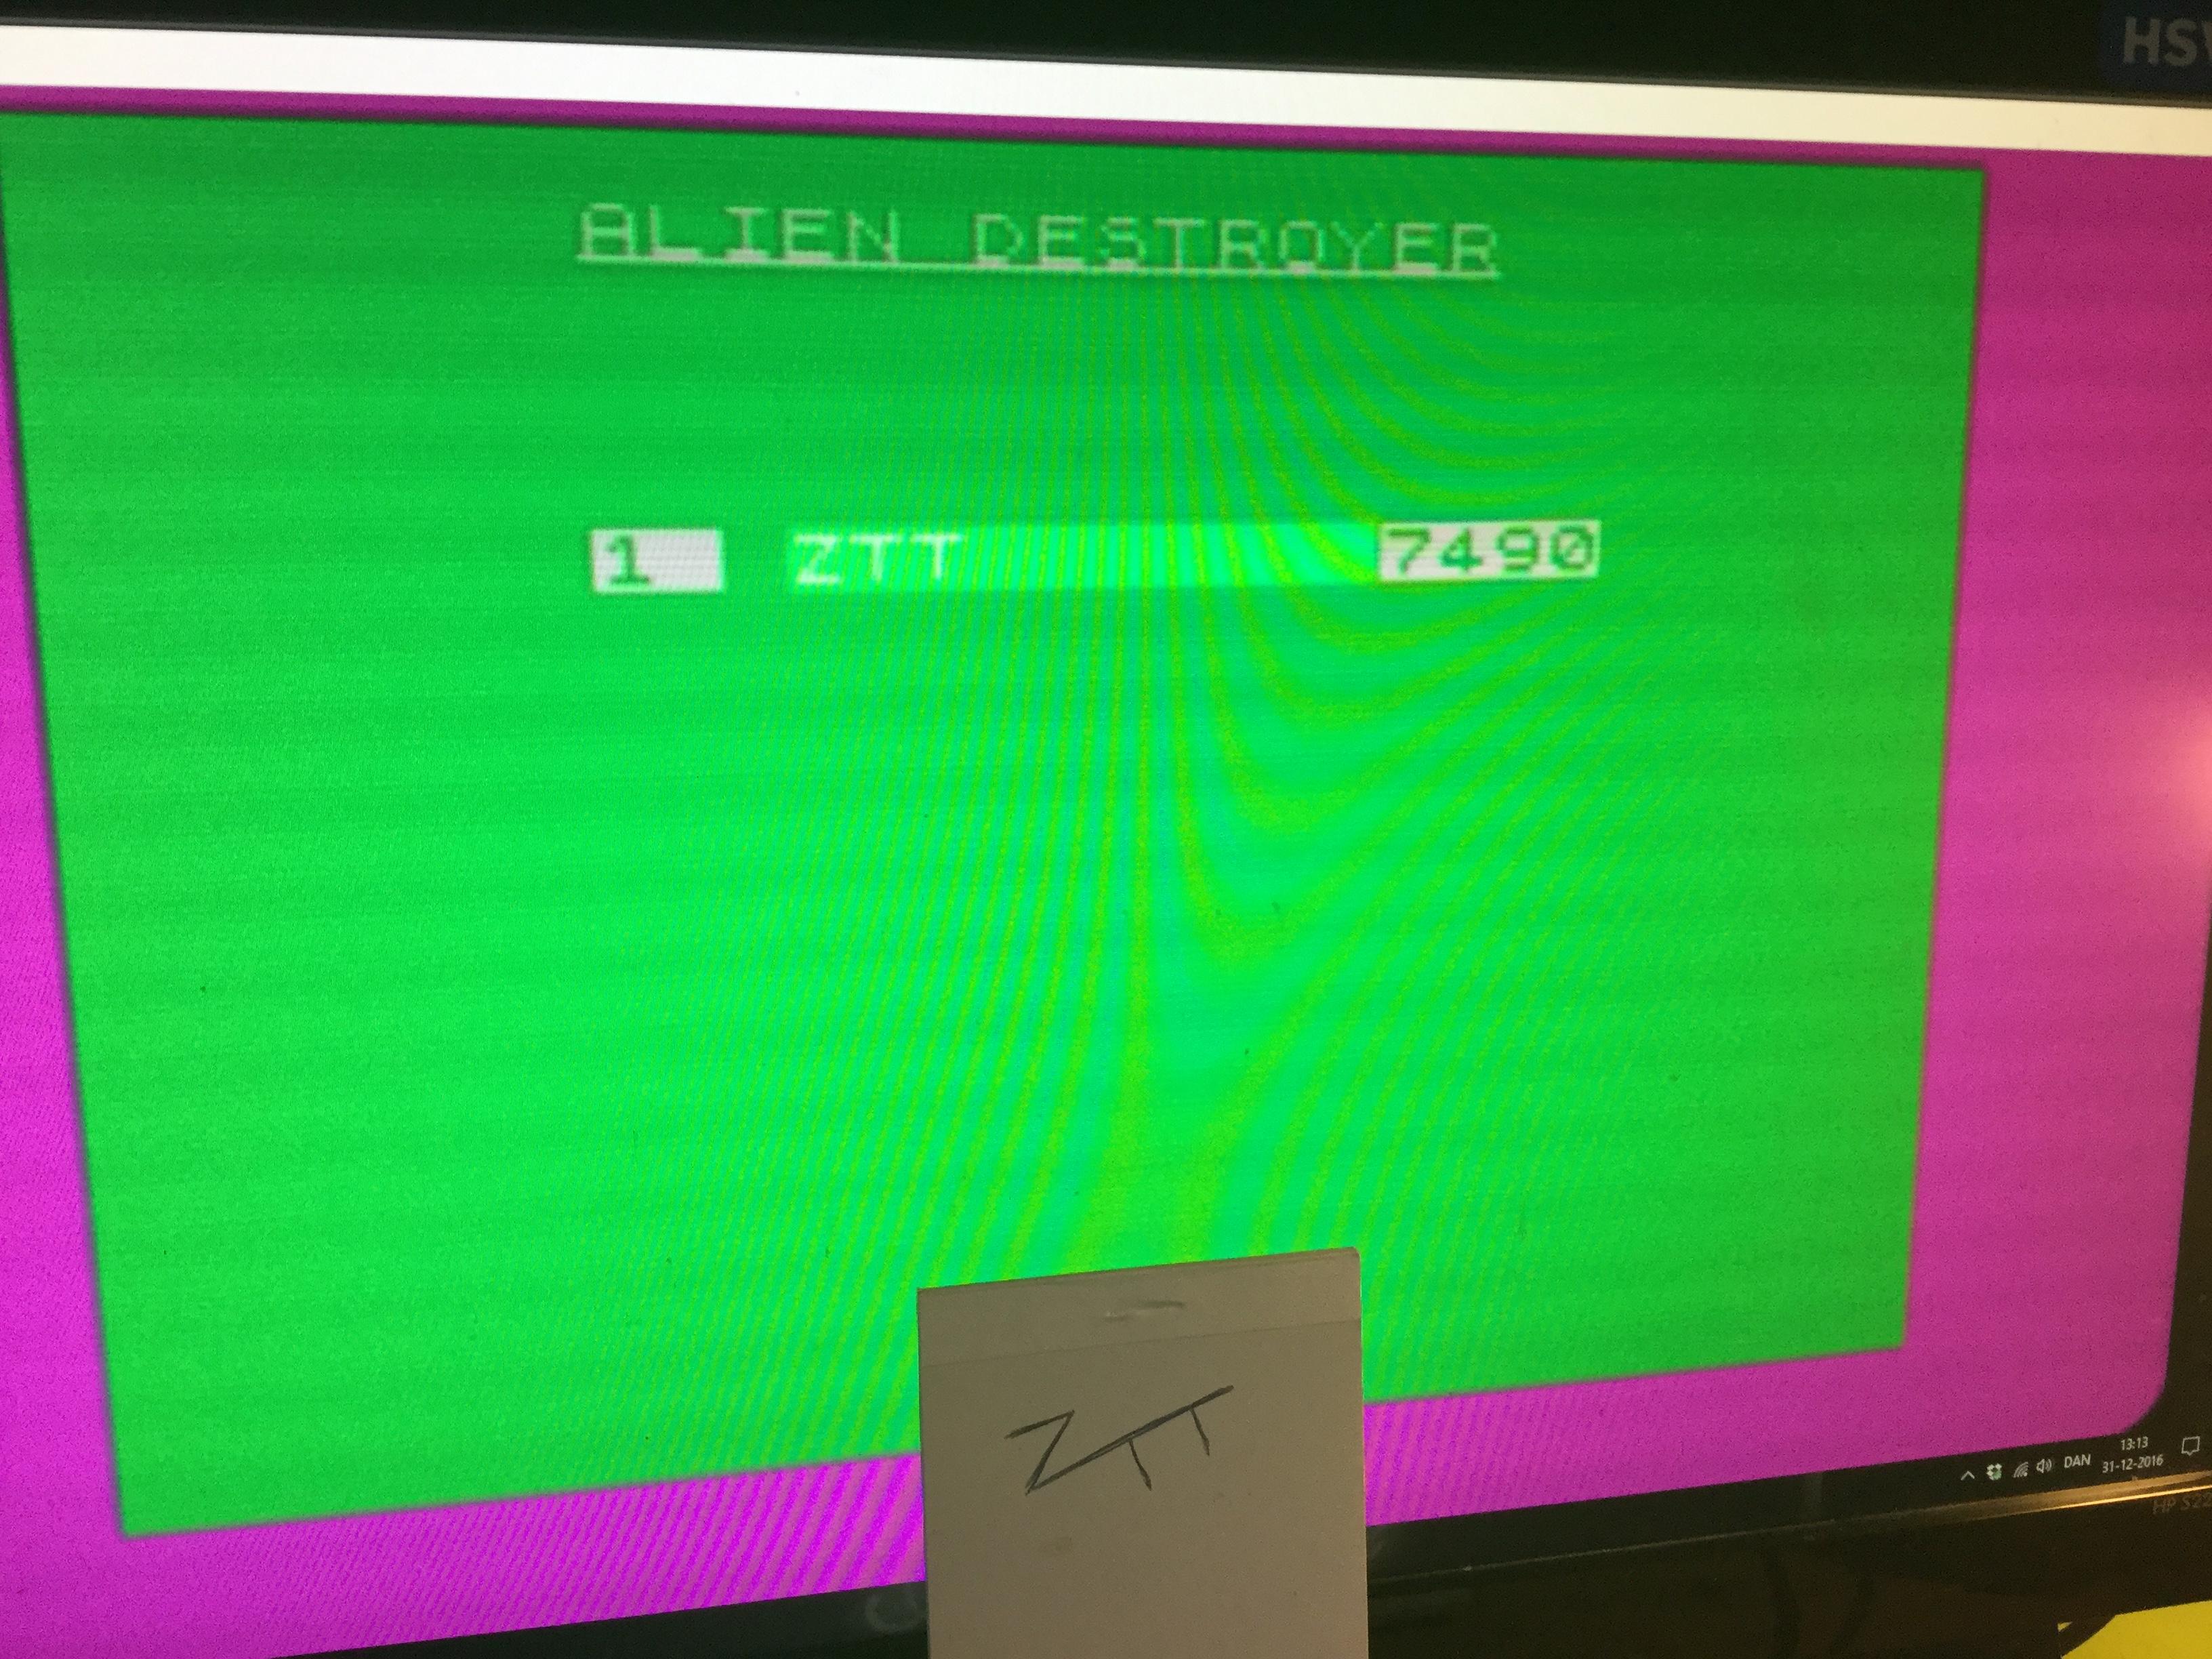 Frankie: Alien Destroyer (ZX Spectrum Emulated) 7,490 points on 2016-12-31 06:19:16